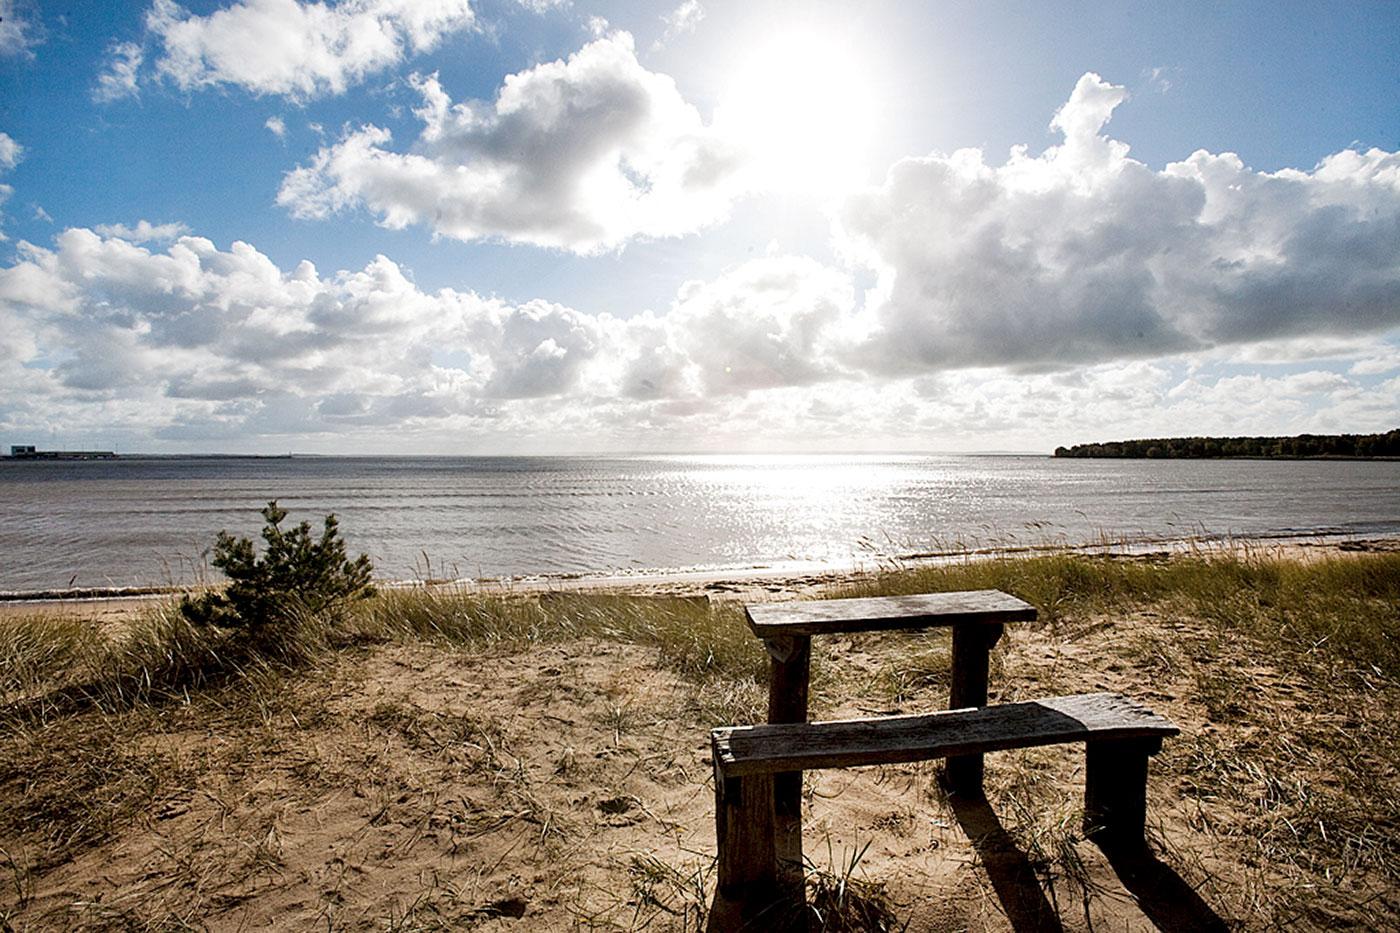 Alet en bänk på stranden